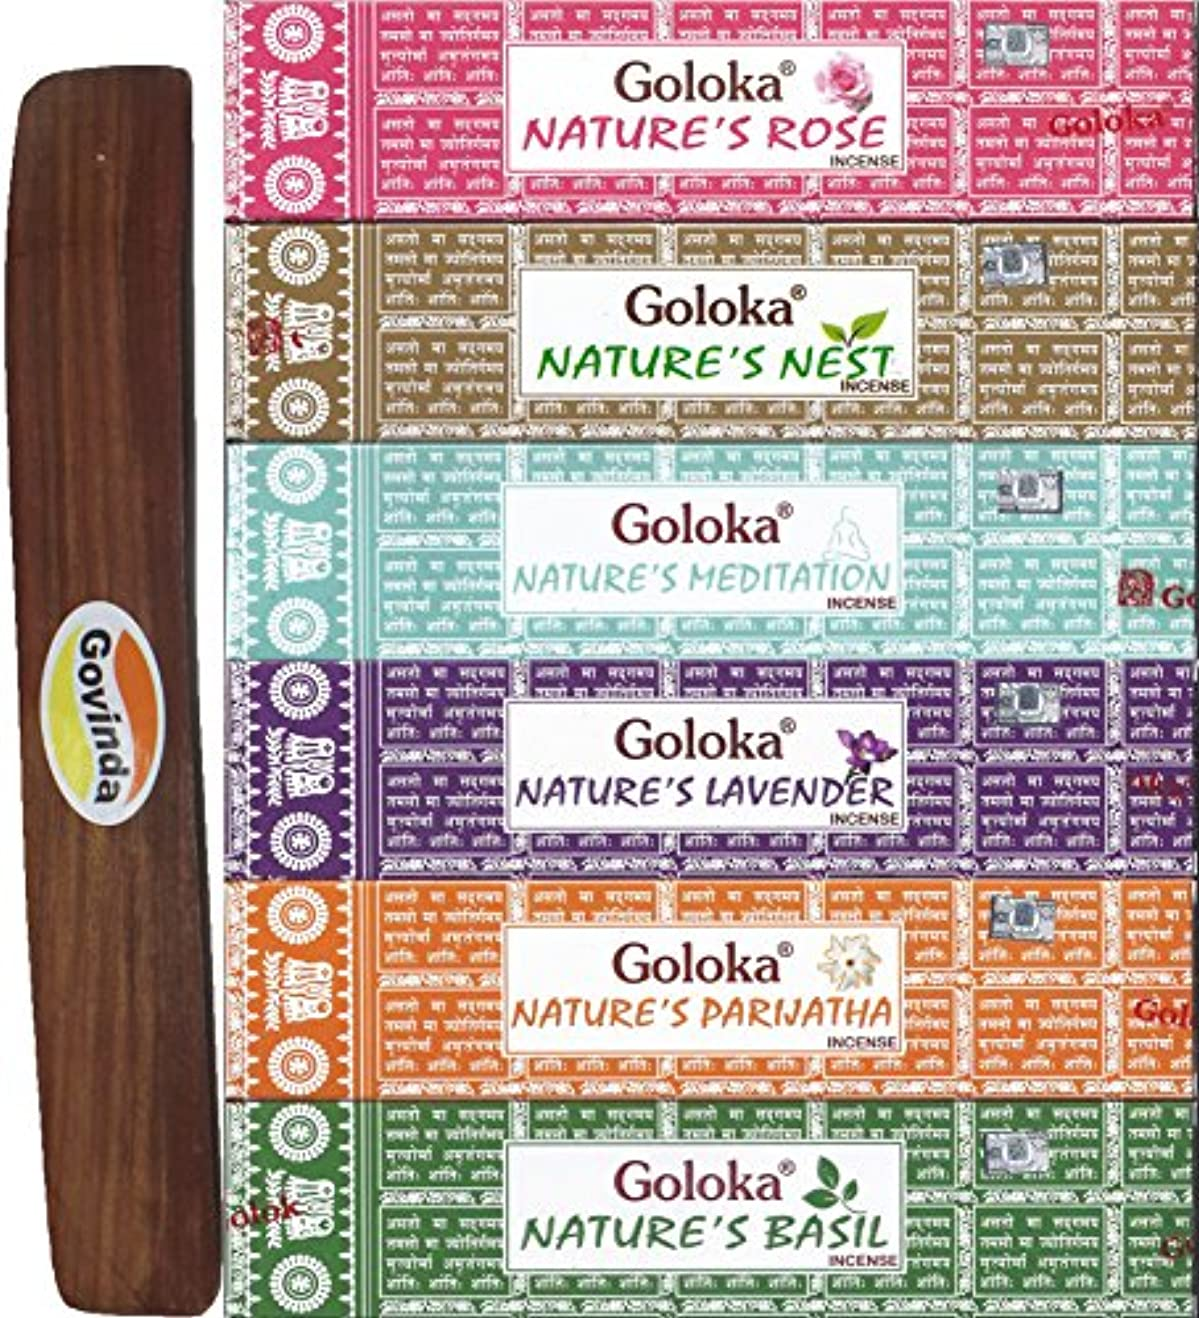 鳥窒素バンドSet of 6 – 自然の瞑想、ネスト、ローズ、バジル、Parijatha、、ラベンダーwith Govinda Incense Holder – By Goloka Nature 'sシリーズとGovinda Burner